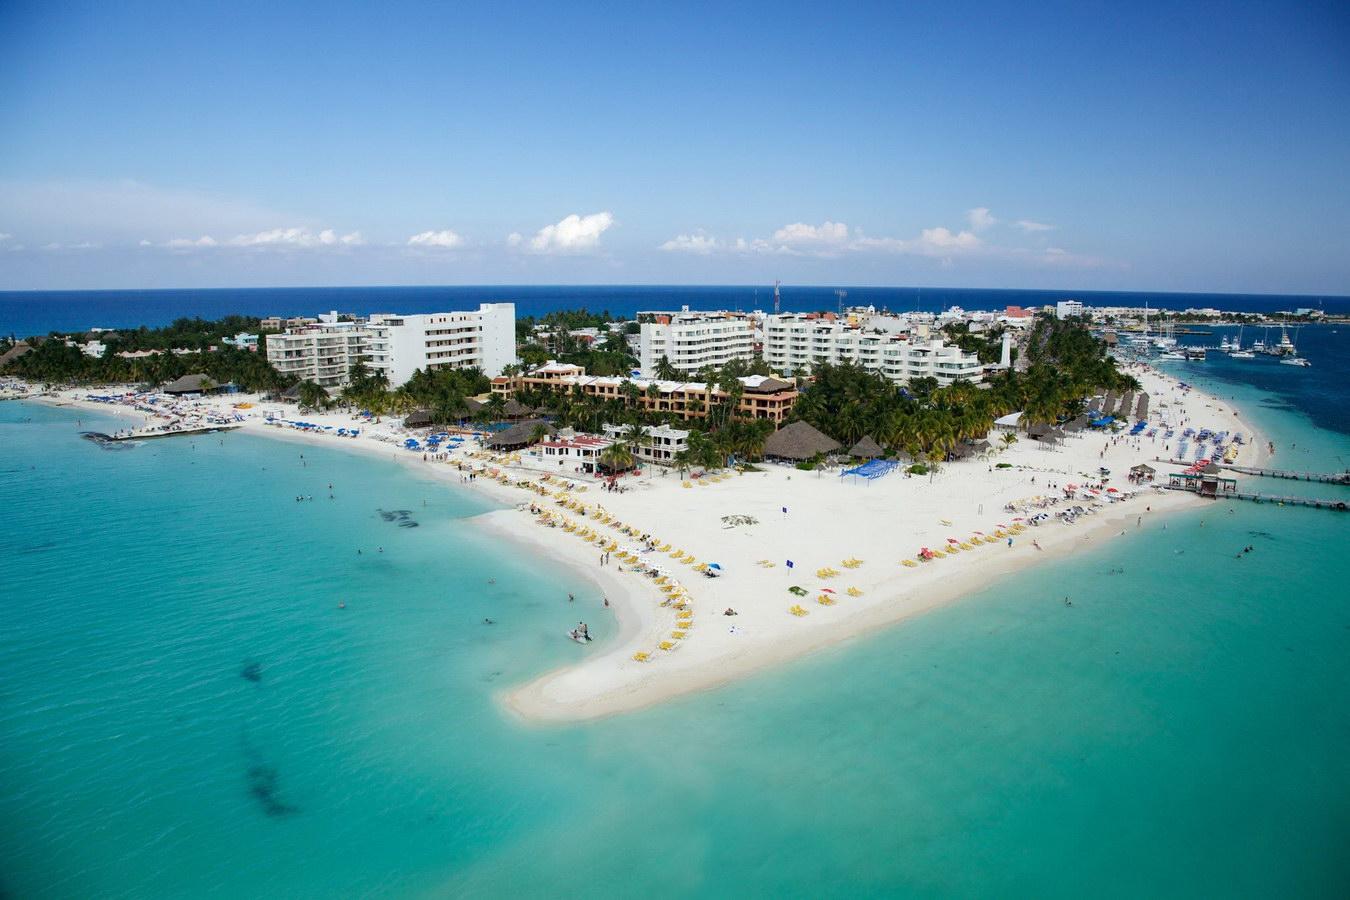 Playa nudista isla mujeres